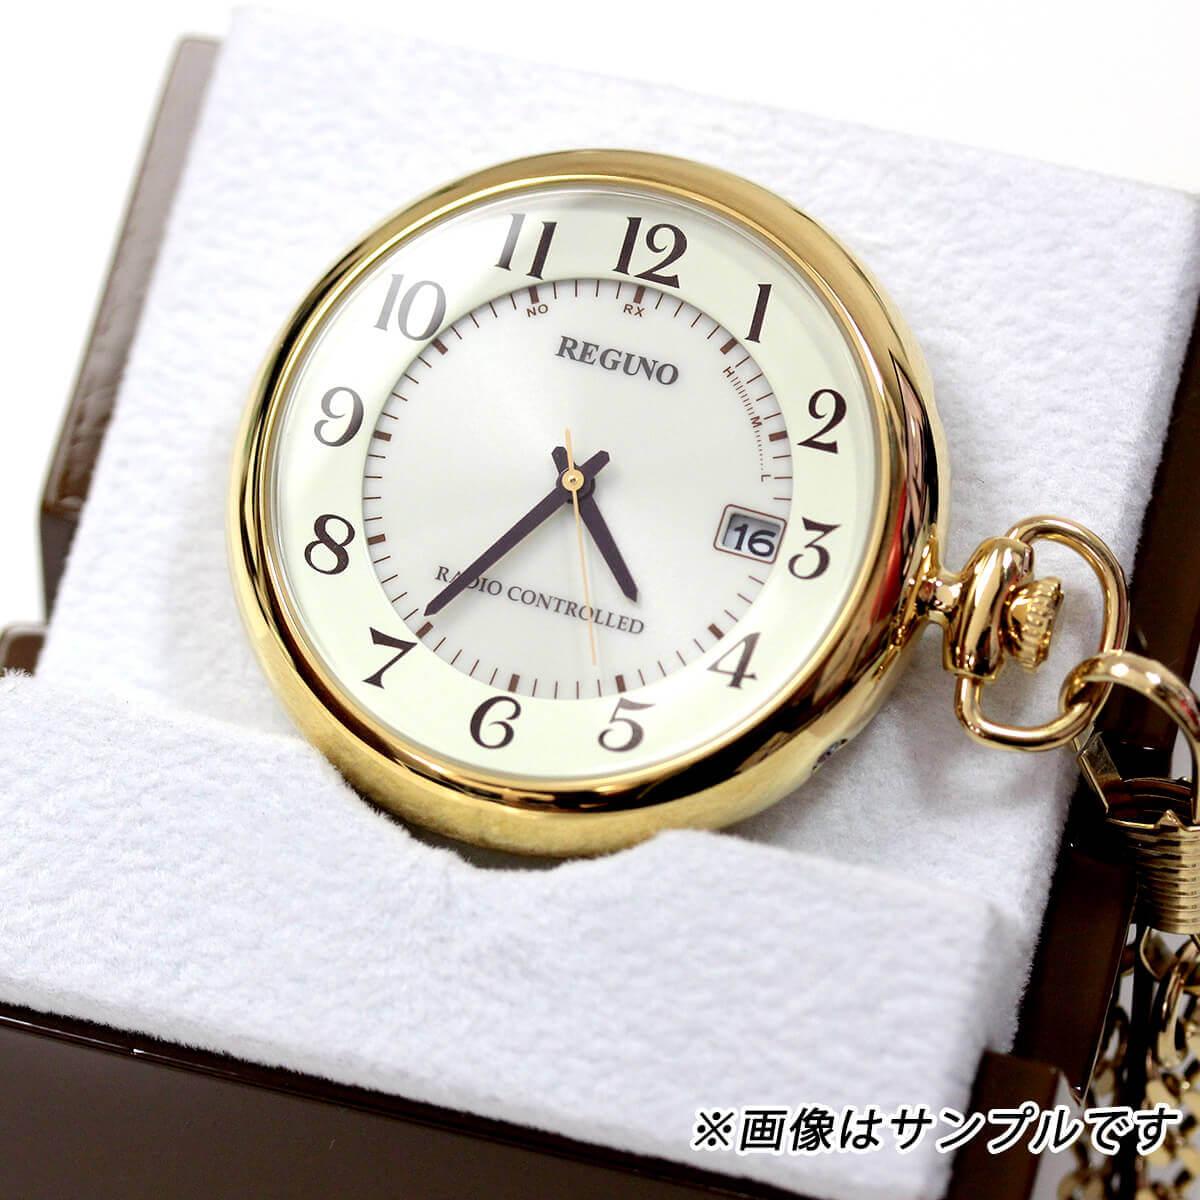 懐中時計を置いたイメージ シチズン citizen kl7-922-31 ゴールドカラー